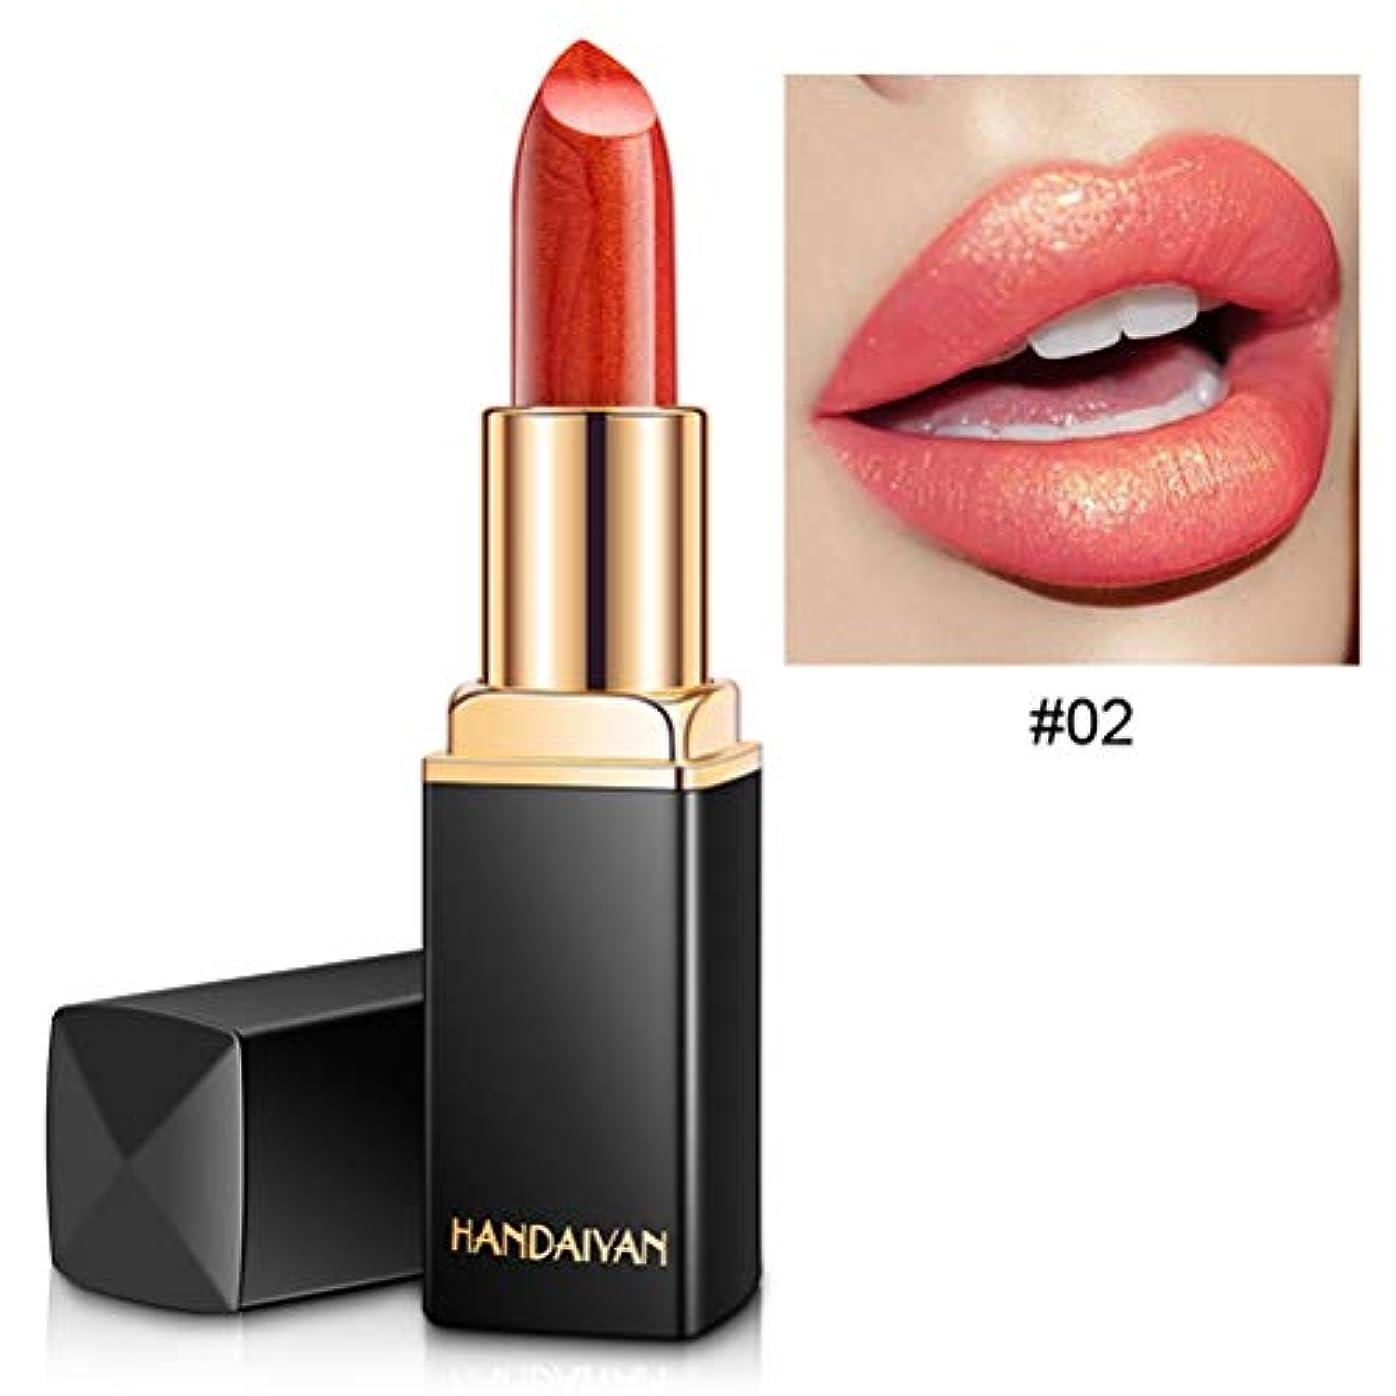 嵐の有名アリーナSupbel 口紅 リップスティック ルージュ リップグロス 優れる発色 キラキラ 光沢 自然なツヤ 長持ち 防水 落ちにくい携帯便利 自然立体 クチュール 化粧品 人気 おしゃれ ギフト 贈り物 唇用